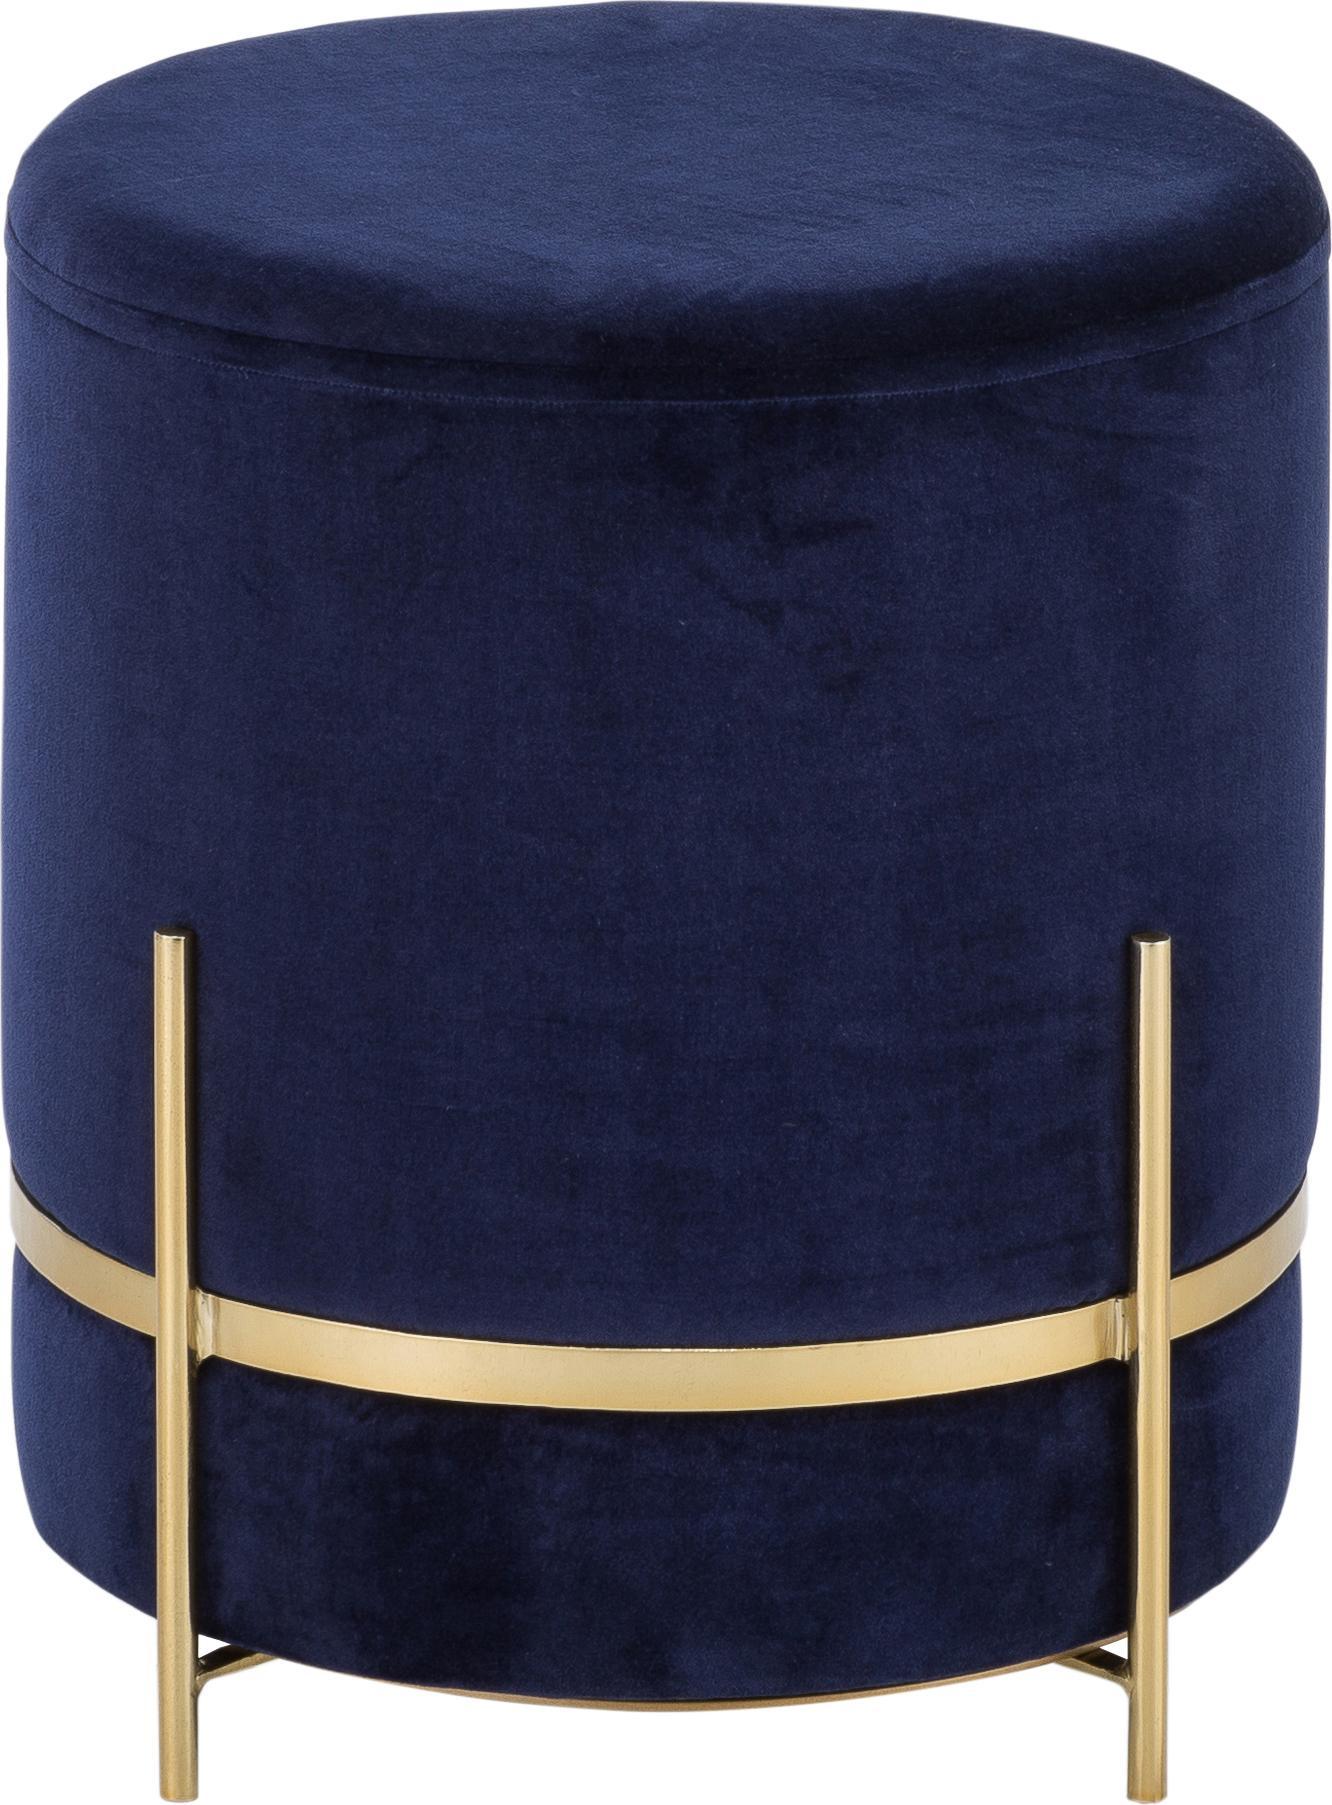 Samt-Hocker Haven, Bezug: Baumwollsamt, Fuß: Metall, pulverbeschichtet, Marineblau, Goldfarben, ∅ 38 x H 45 cm